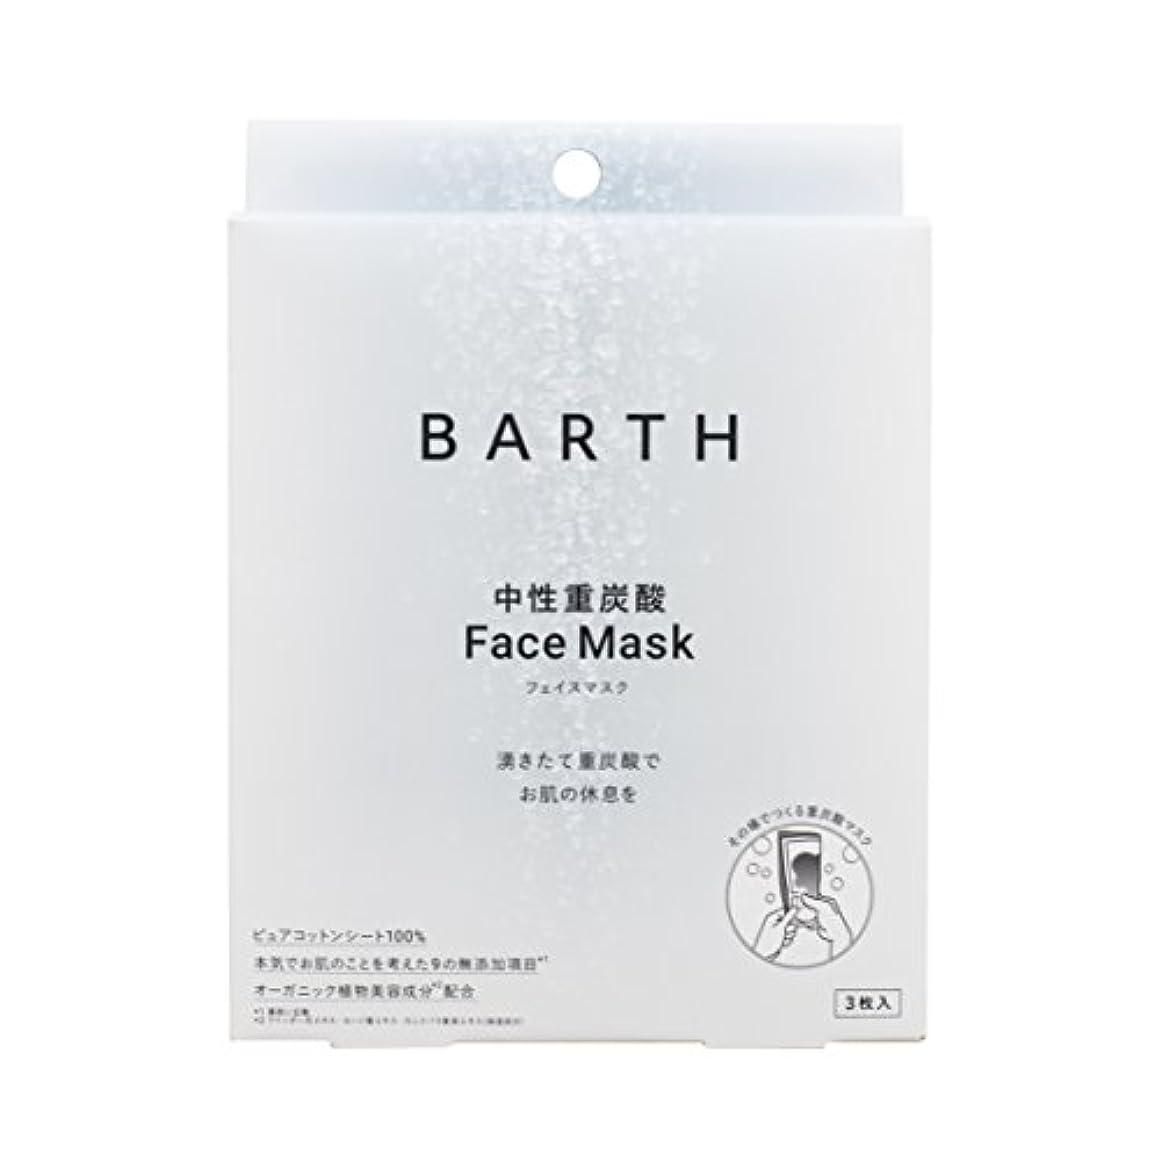 傾向があるベリー測定BARTH【バース】 中性 重炭酸 フェイスマスク (無添加 日本製 ピュアコットン 100% オーガニック植物美容成分3種入り) (3包入り)